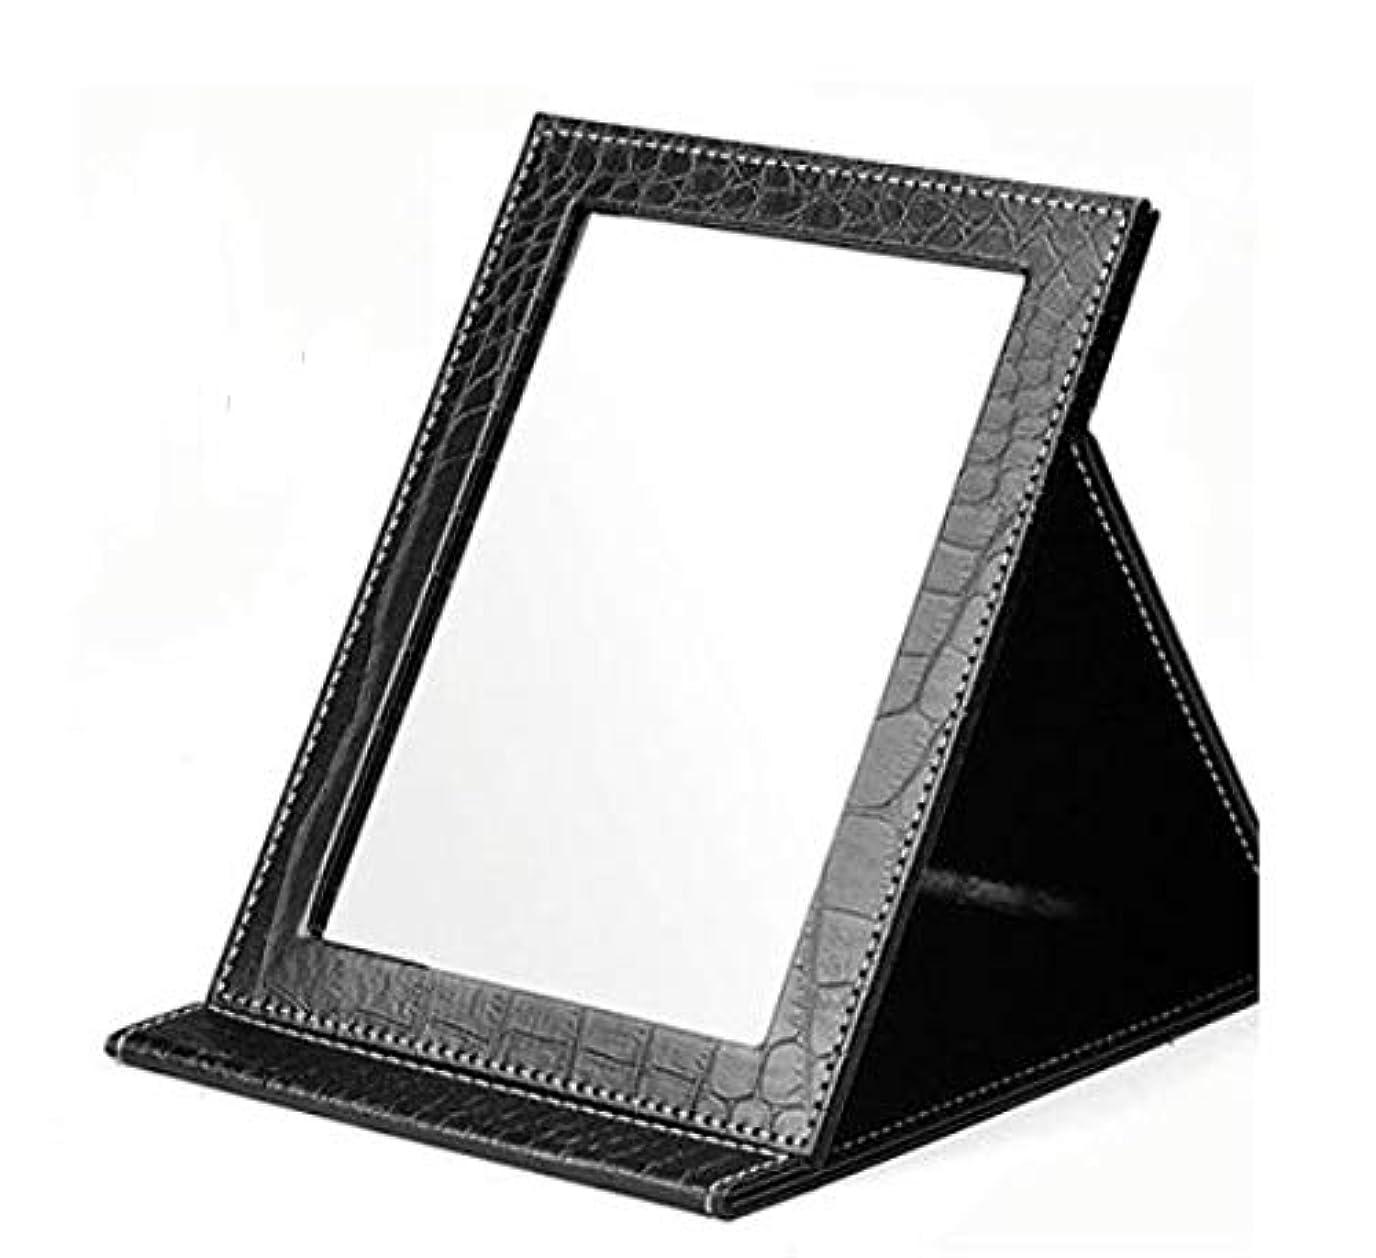 望み半島広大なWONDER LABO》卓上ミラー 大型 折りたたみ化粧鏡 レザー調でおしゃれ 化粧ミラー かがみ テーブルミラー スタンドミラー 卓上鏡 メイク鏡 メイク用 おしゃれ 手鏡 (L, ブラック(クロコダイル))